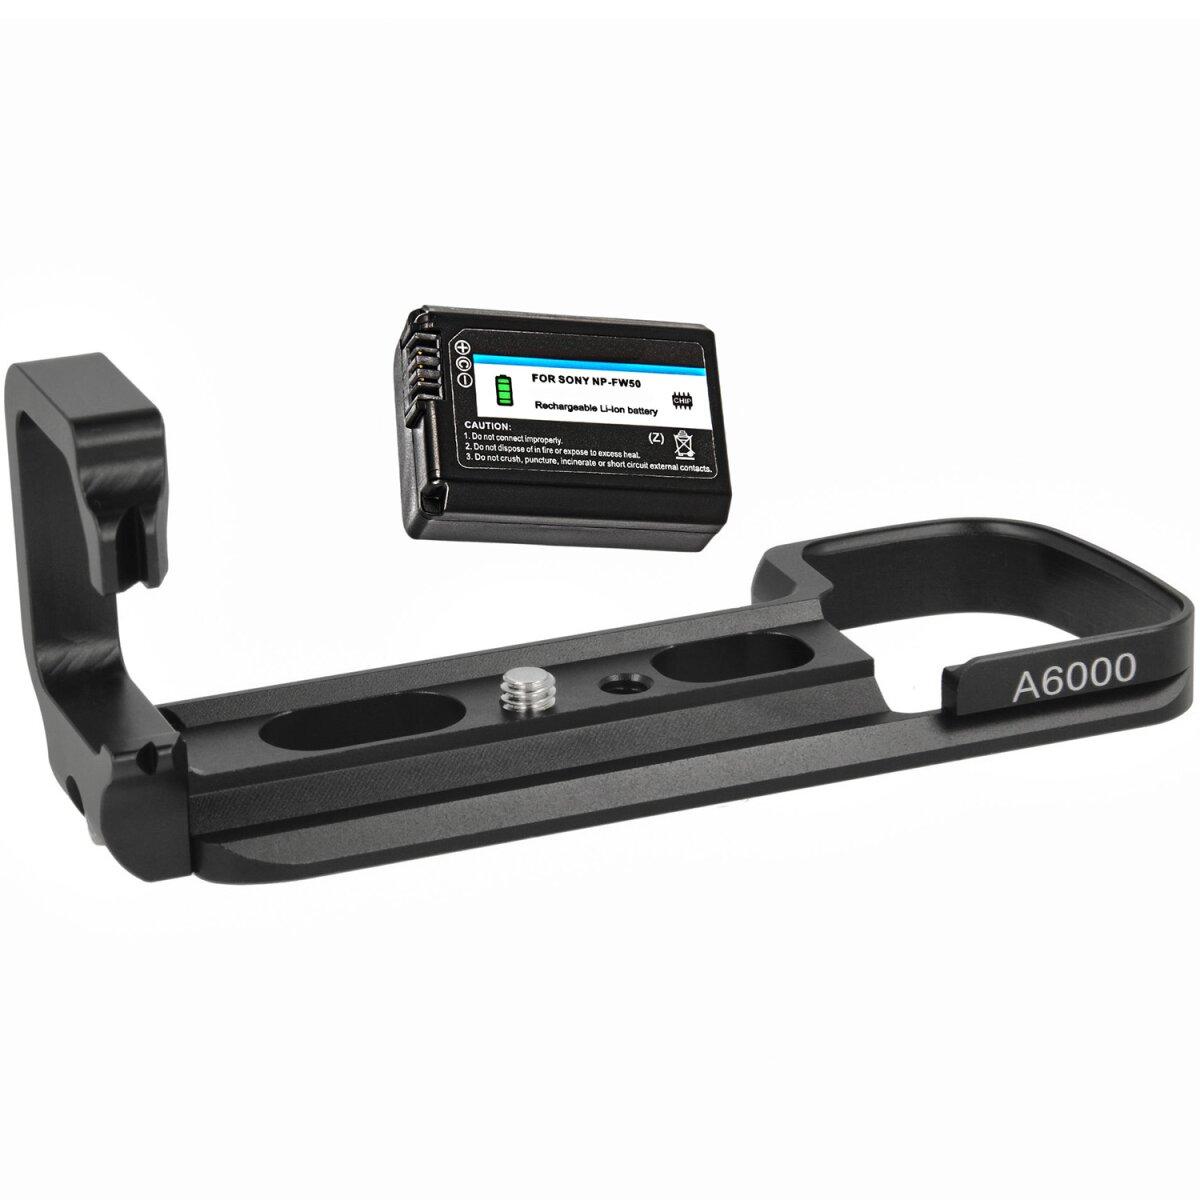 Minadax Handgriff Kameragriff für Sony A6000/A6300 inkl. 1x NP-FW50 Akku - Verbesserte Handhabung ausreichende Auflagefläche - Arca Swiss kompatibel mit Stativgewinde - Schneller Zugriff auf Batteriefach